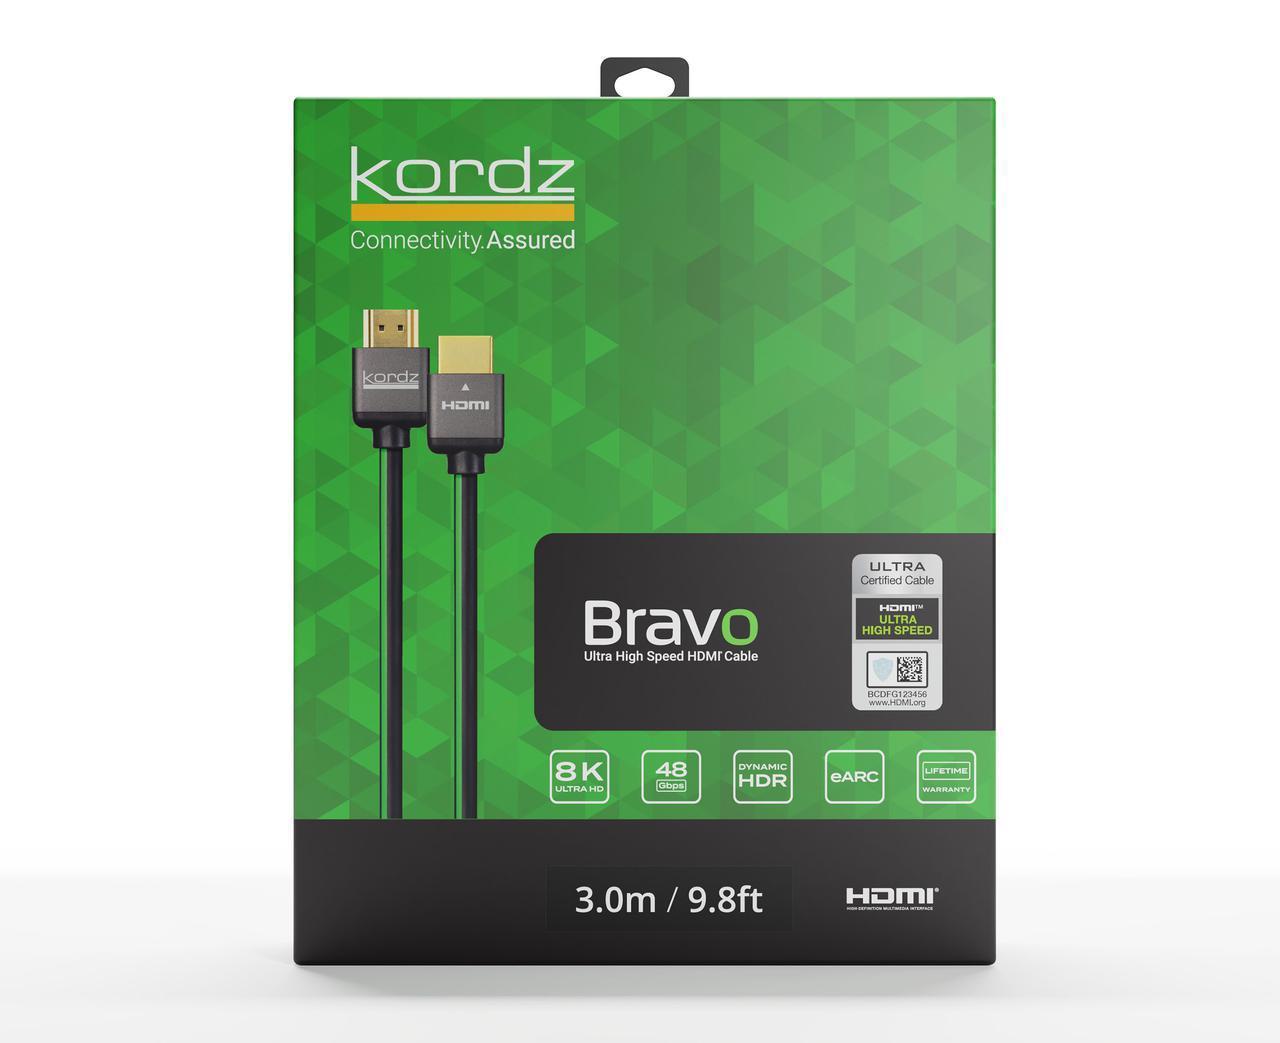 画像: Kordzから、48Gbps対応の新製品HDMIケーブル「Bravo」シリーズが登場。非圧縮8K/60p、4K/120p信号を伝送可能で、1.0mで市場想定価格は¥13,200